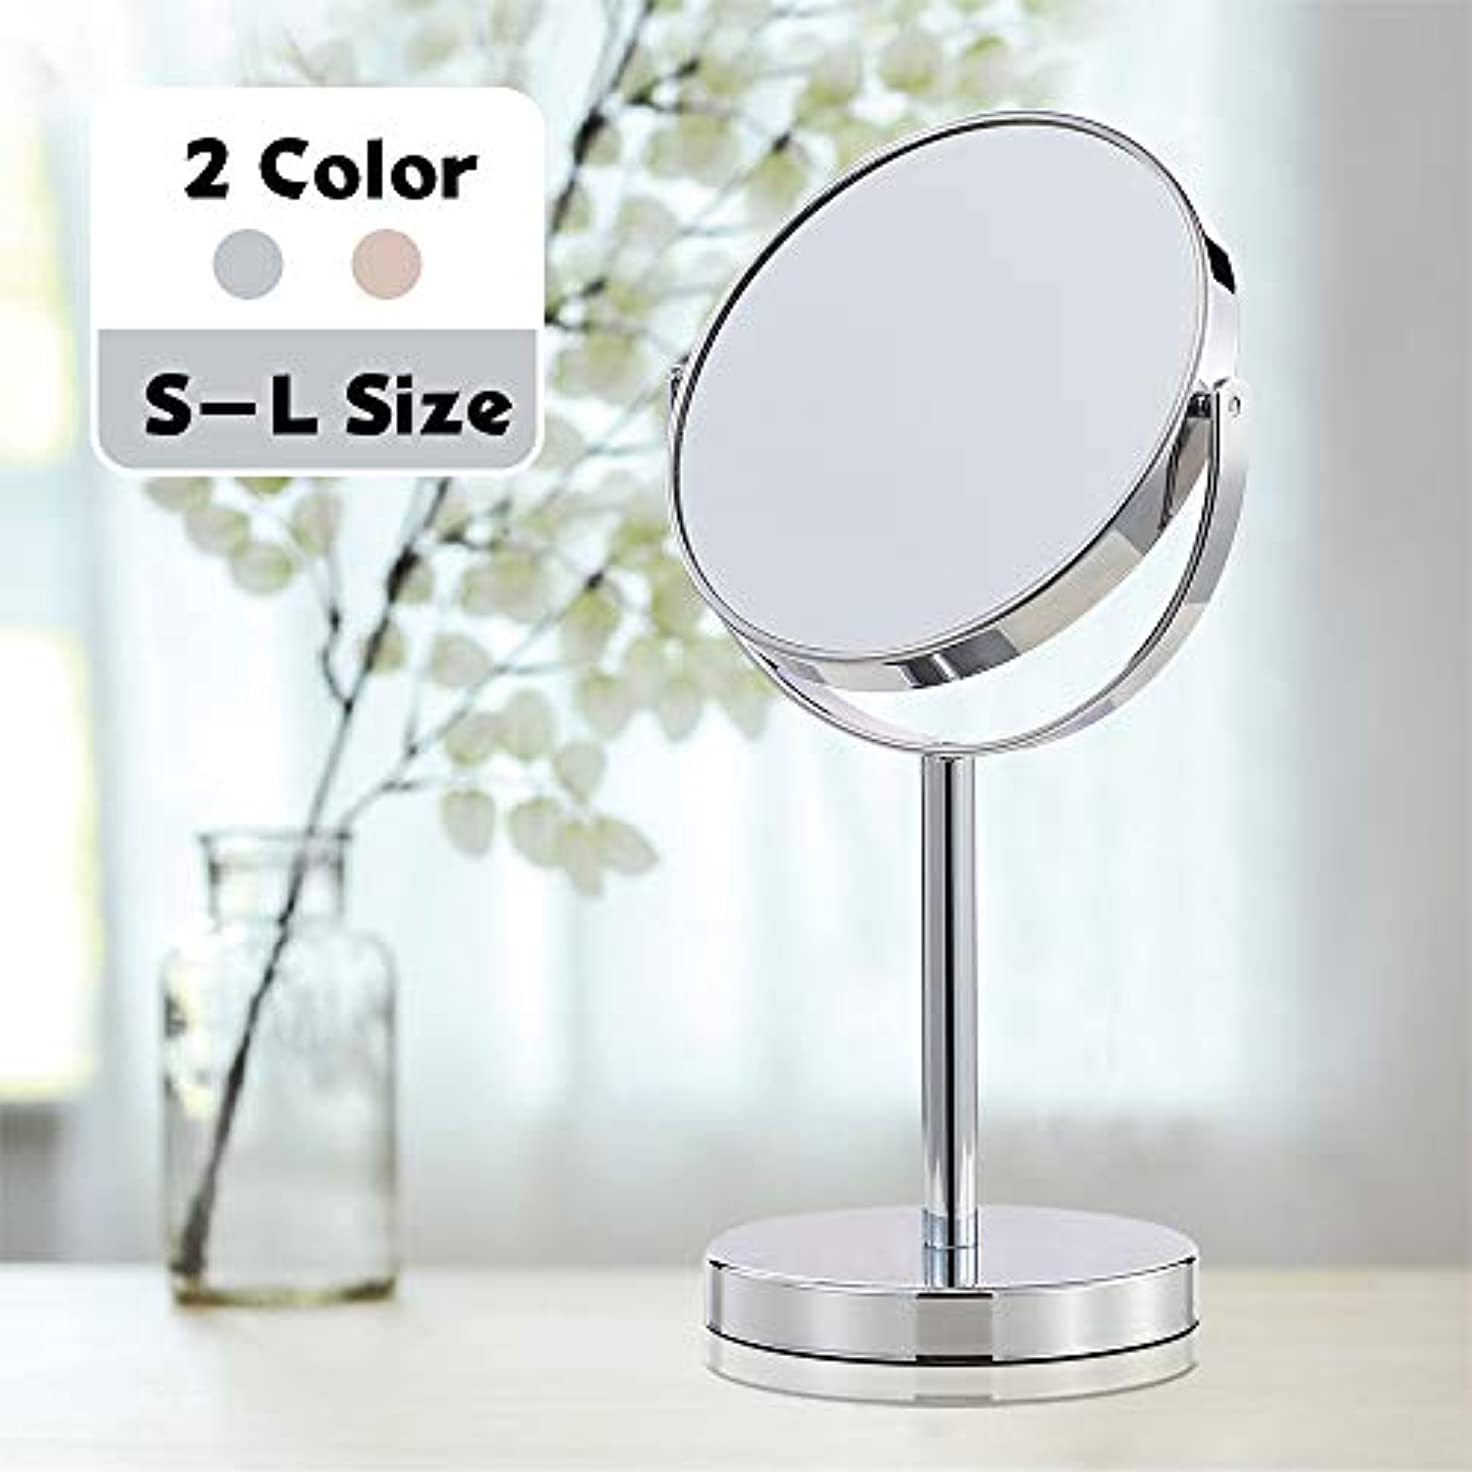 事業内容提案する砂利(セーディコ) Cerdeco シンプルデザイン 真実の両面鏡DX 5倍拡大鏡 360度回転 卓上鏡 スタンドミラー メイク 化粧道具 鏡面148mmΦ J622